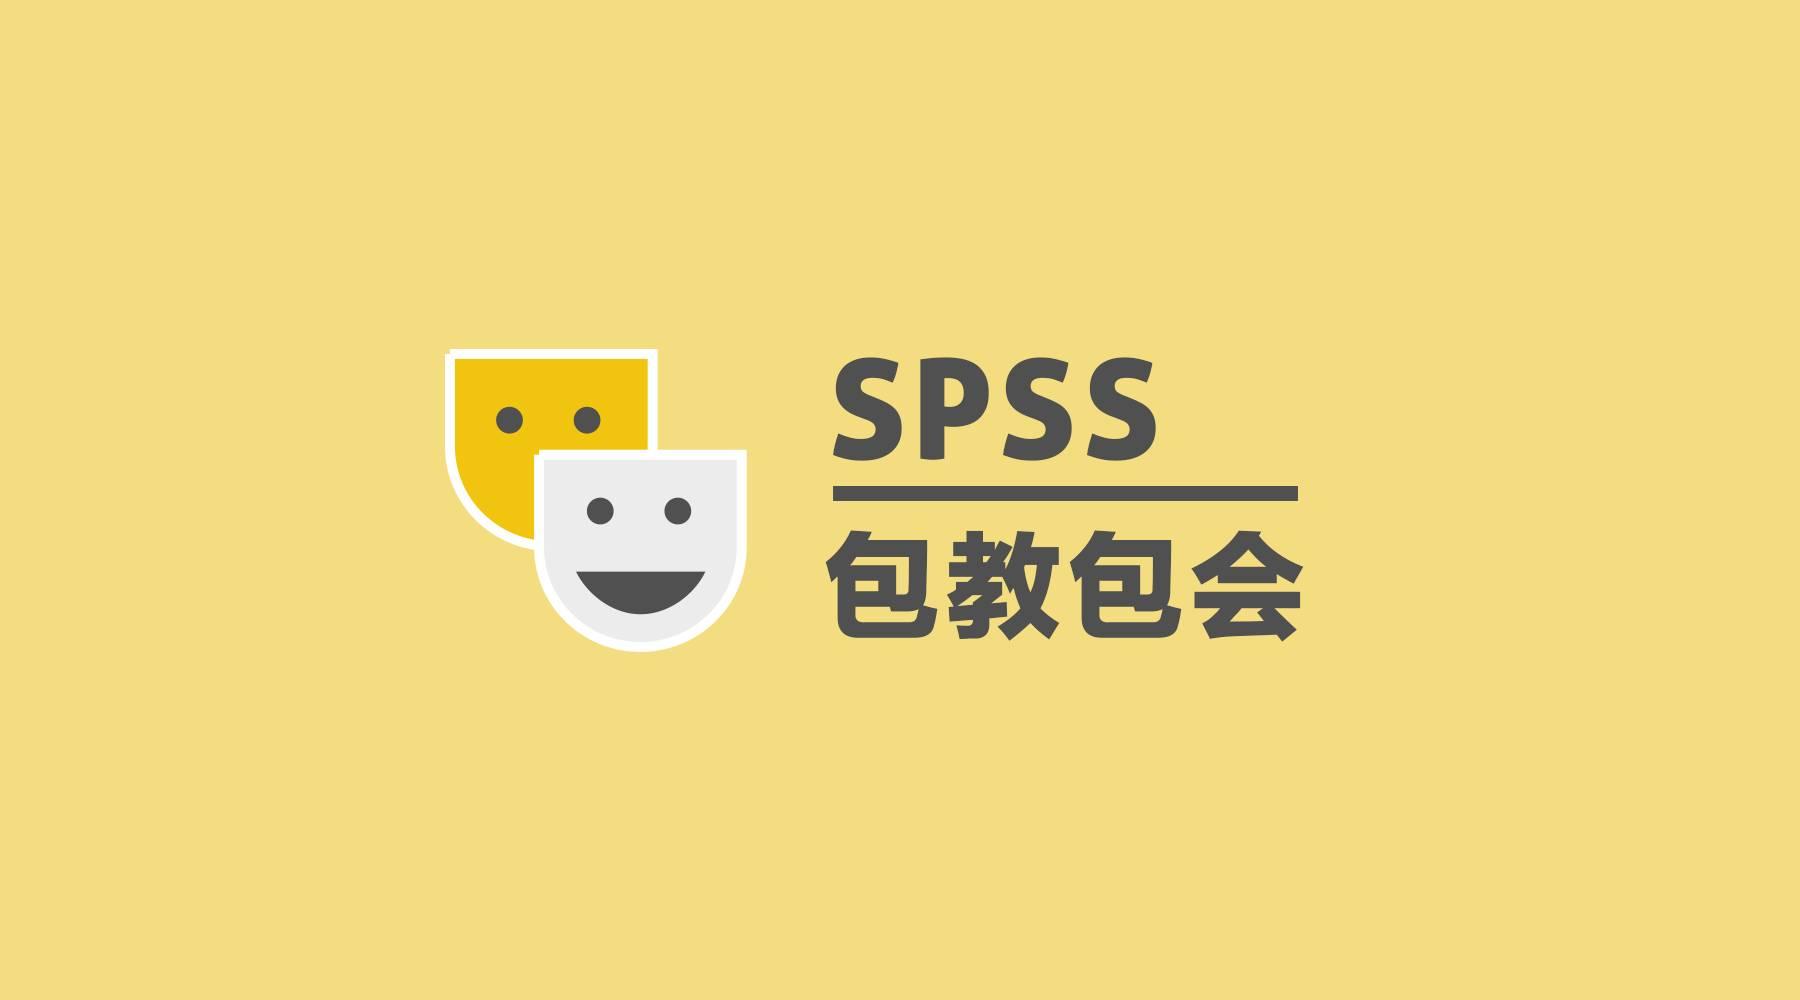 成组箱线图-SPSS教程